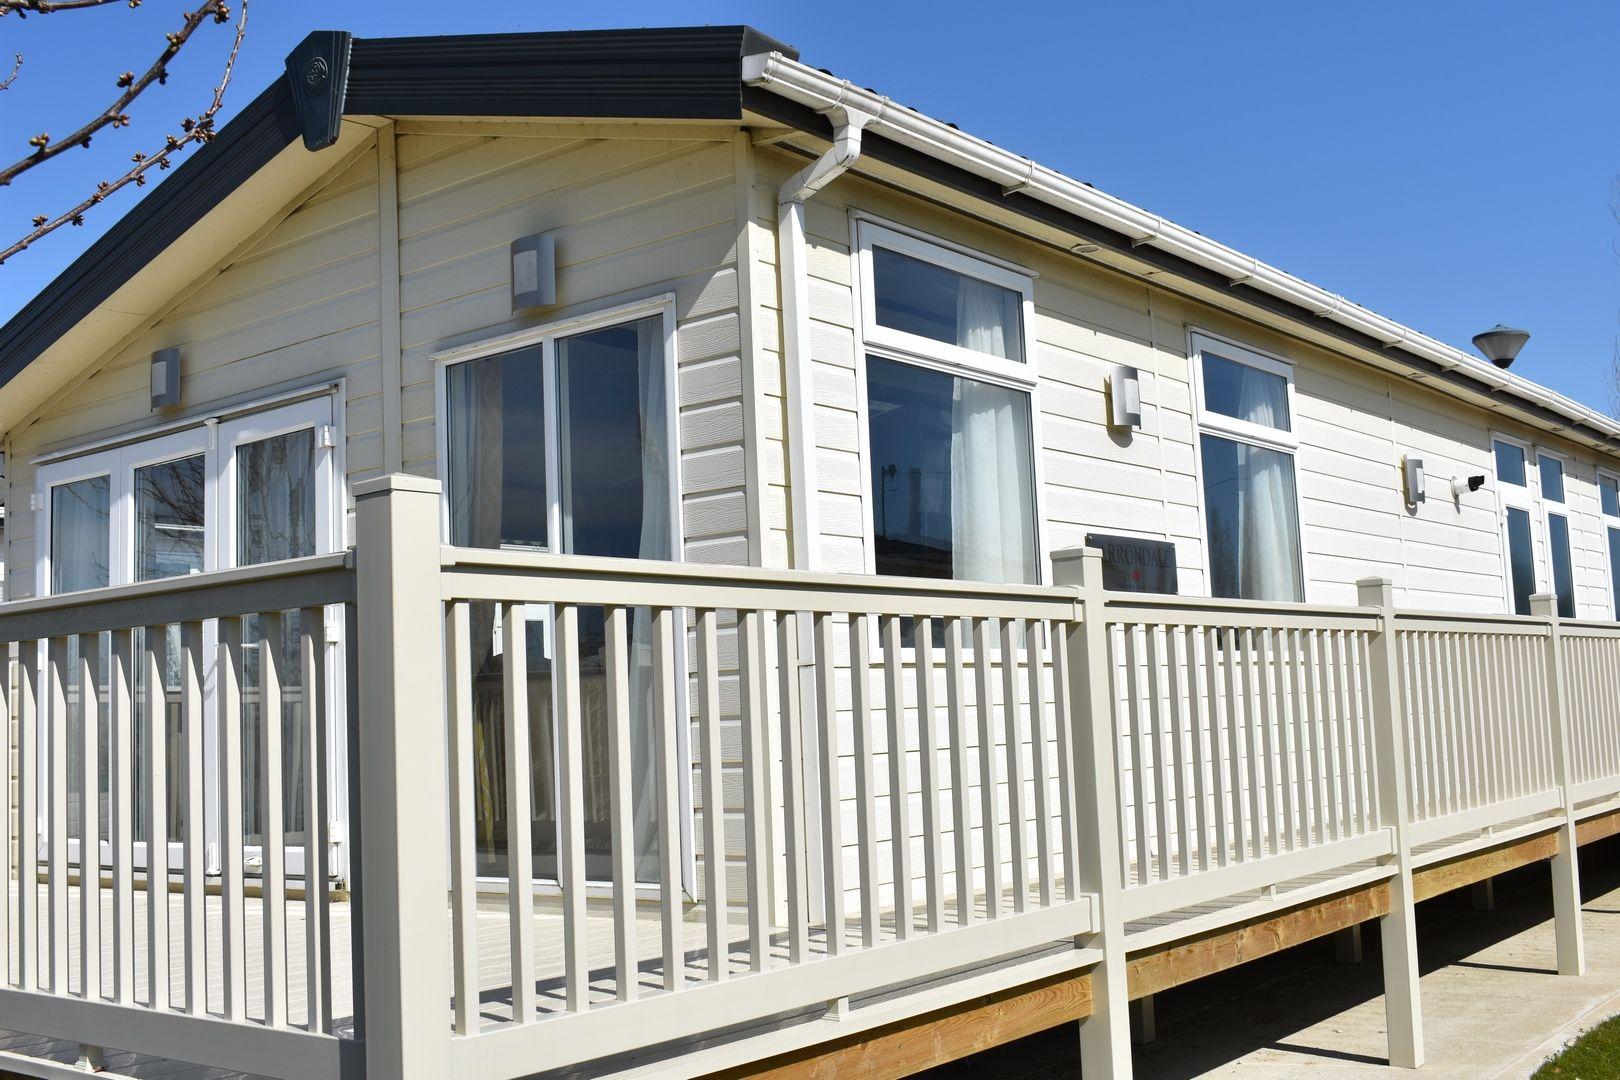 Property photo 1 of 11. Dsc 0664